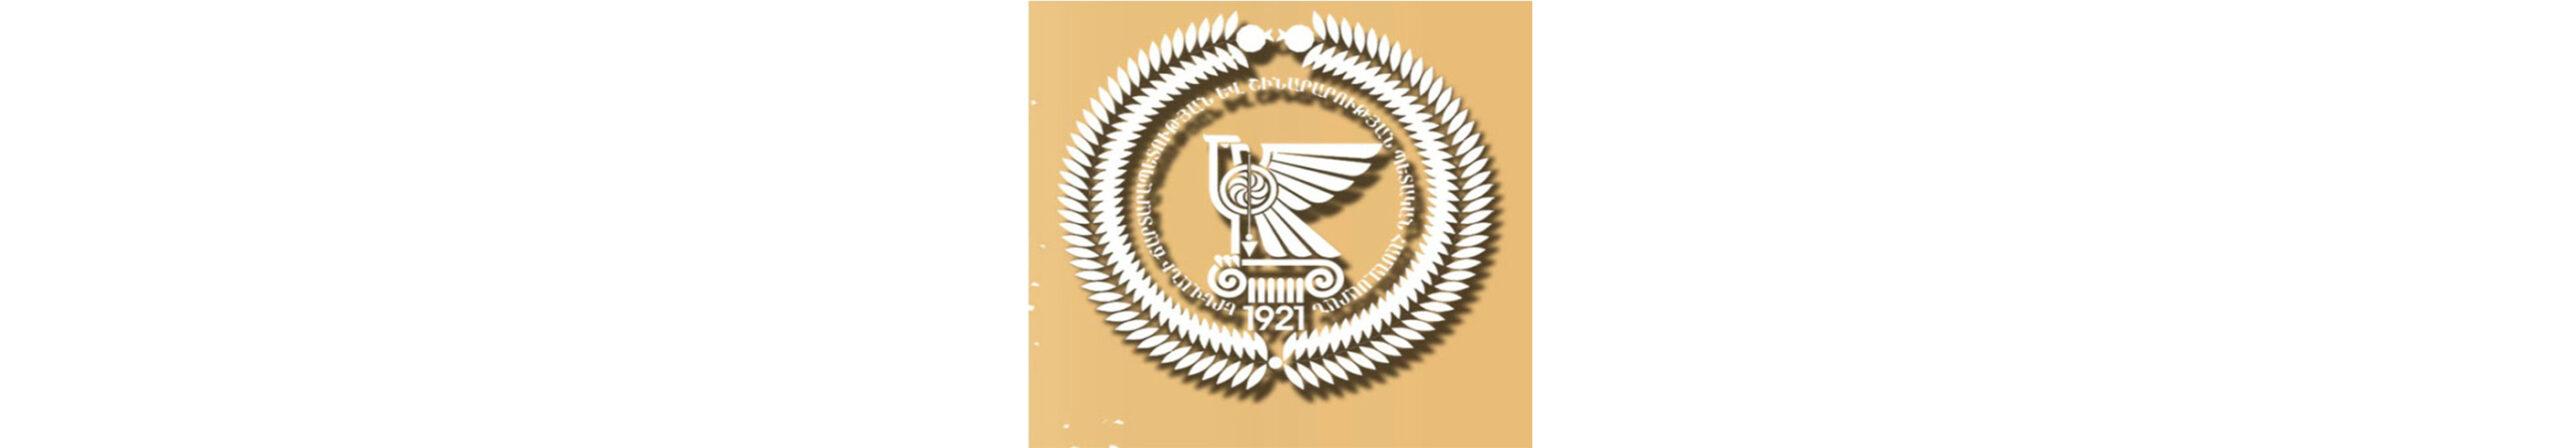 NUACA_Logo